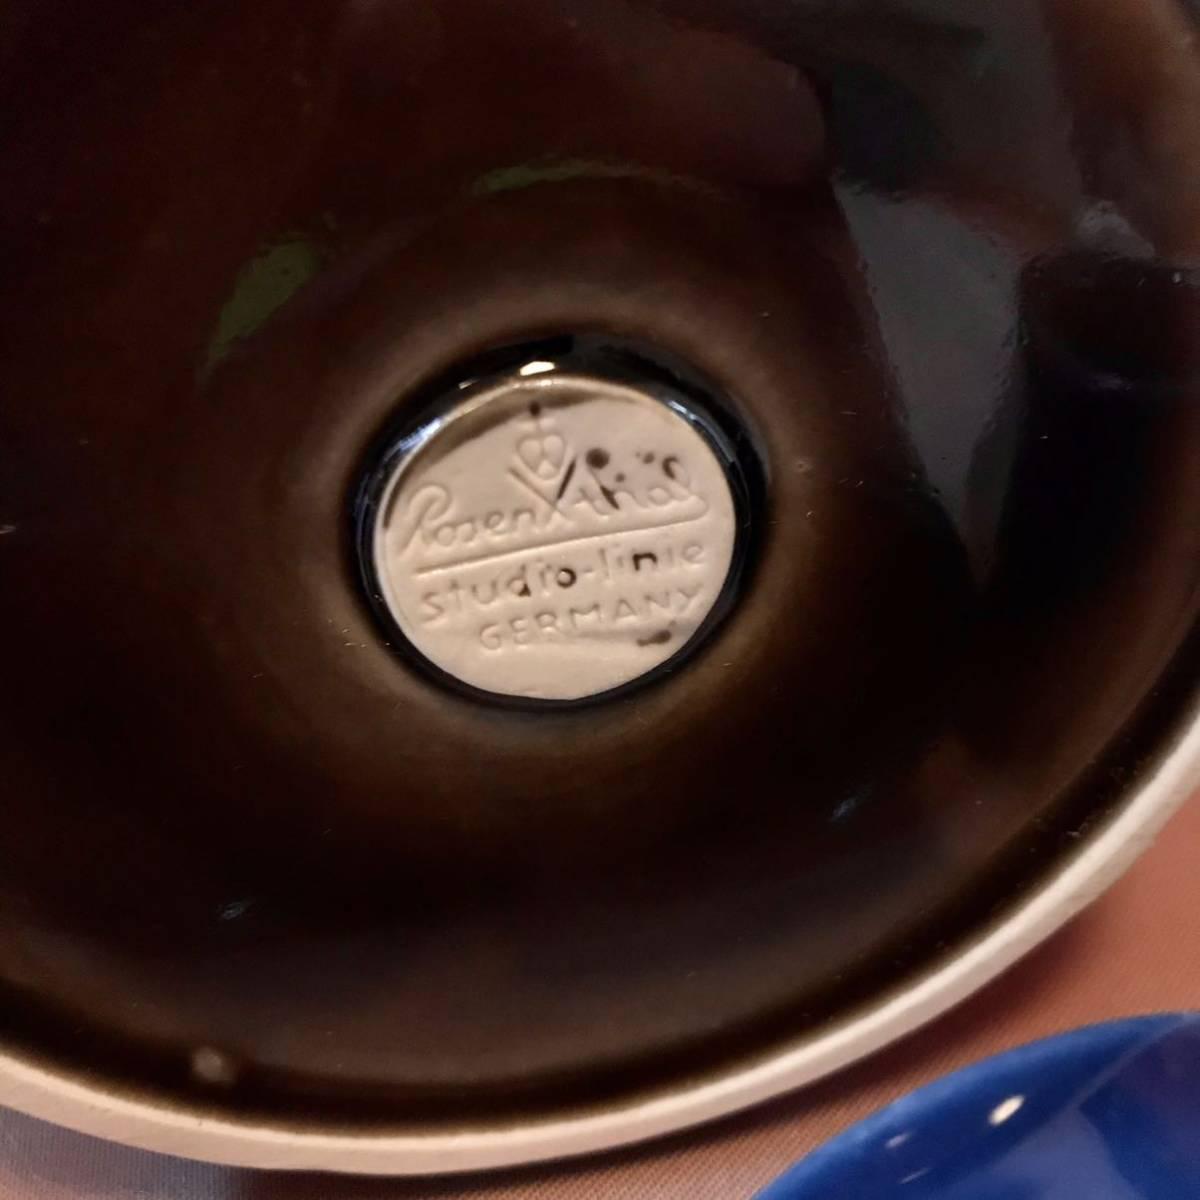 〈送料込〉ローゼンタール ビョルン ヴィンブラッド リキュール セット Rosenthal Bjorn Wiinblad 陶器 食器 ポット ボトル カップ ドイツ_画像8